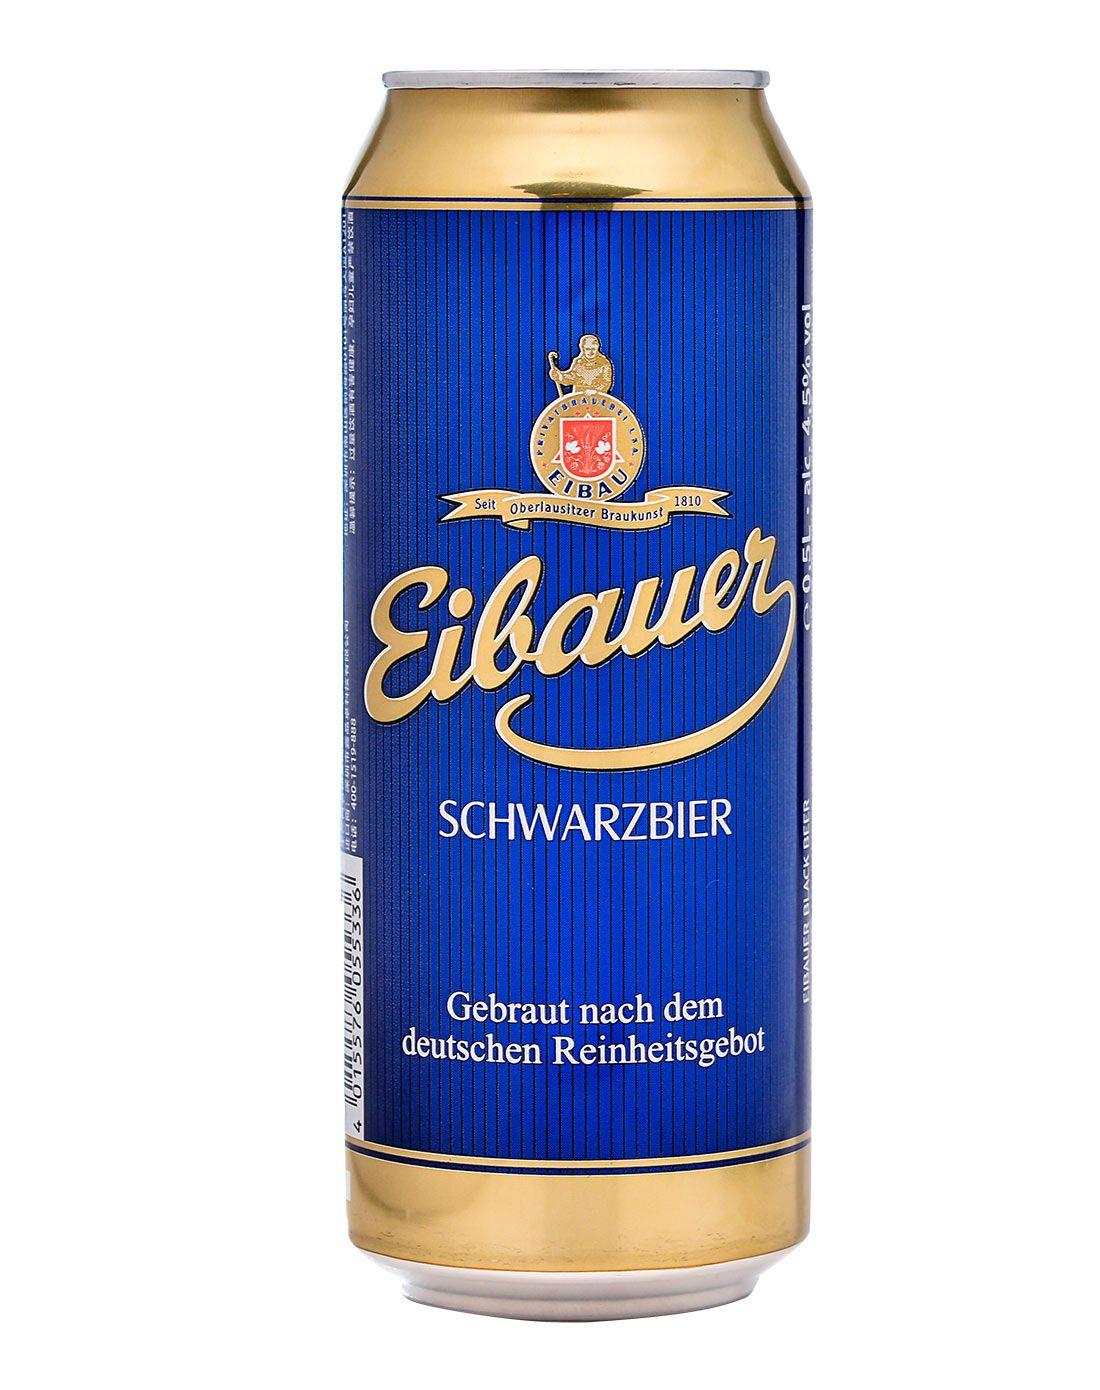 奥�9l��a�zd�y�$y�by�_[纯正德国黑啤]德国奥堡黑啤酒500ml*24听装 整箱